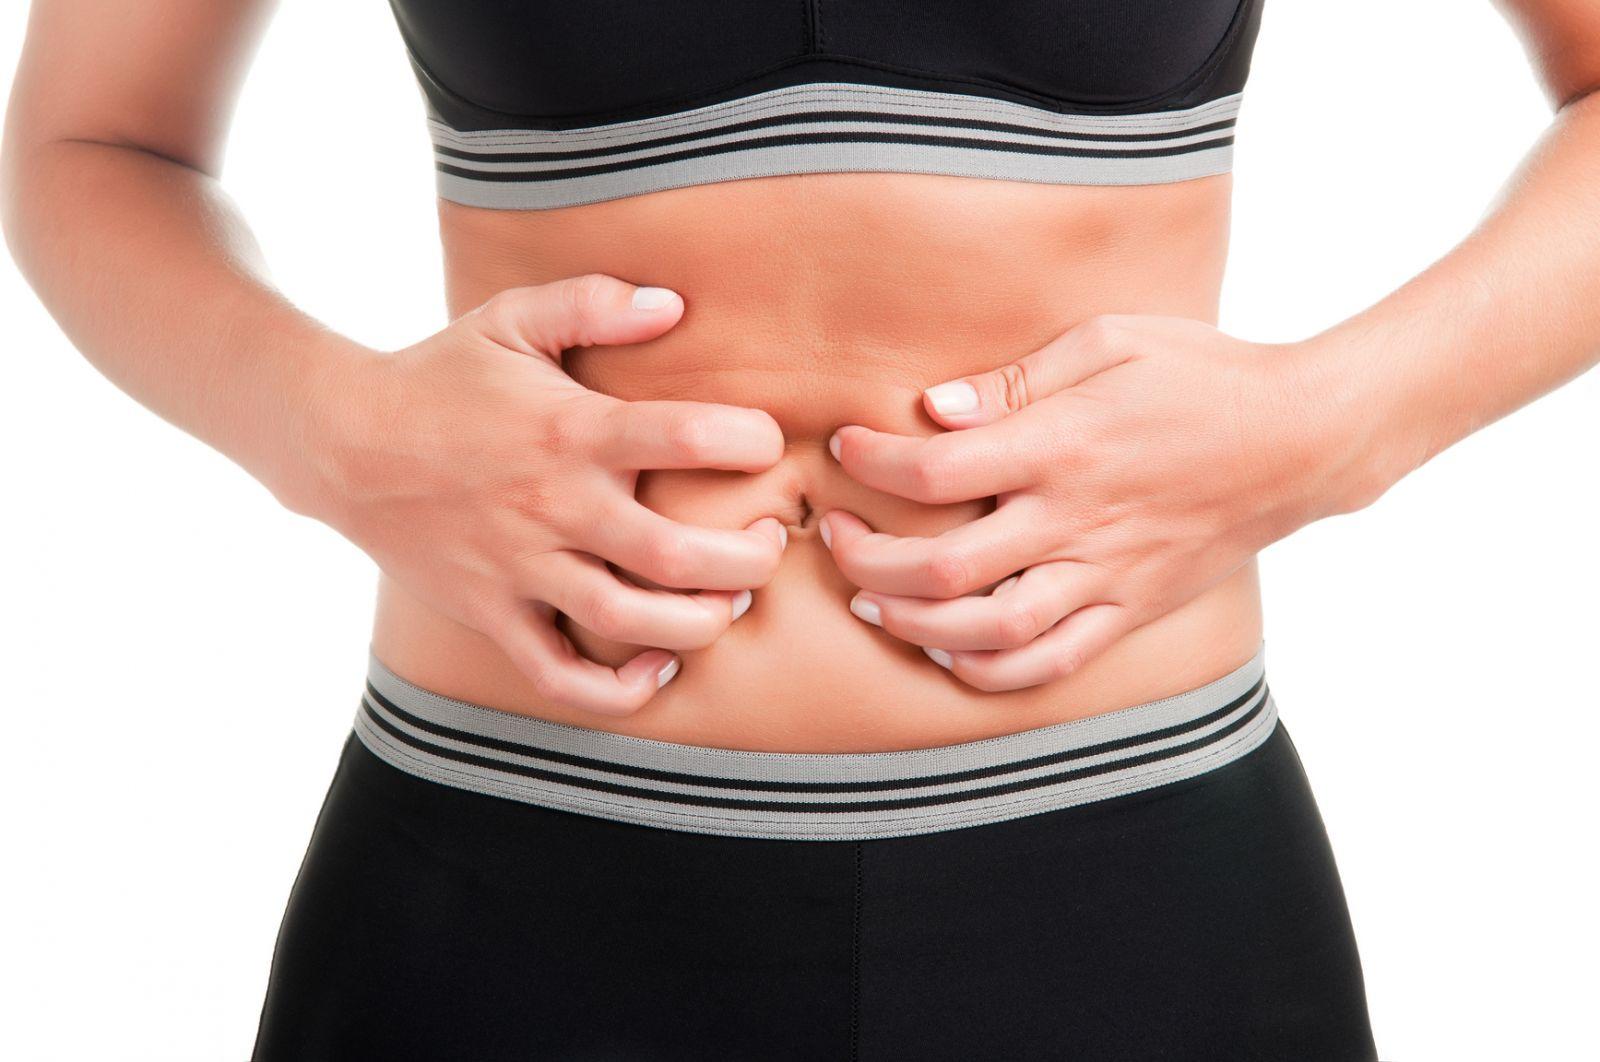 Почему возникает урчание в животе: диагностика и лечение симптома